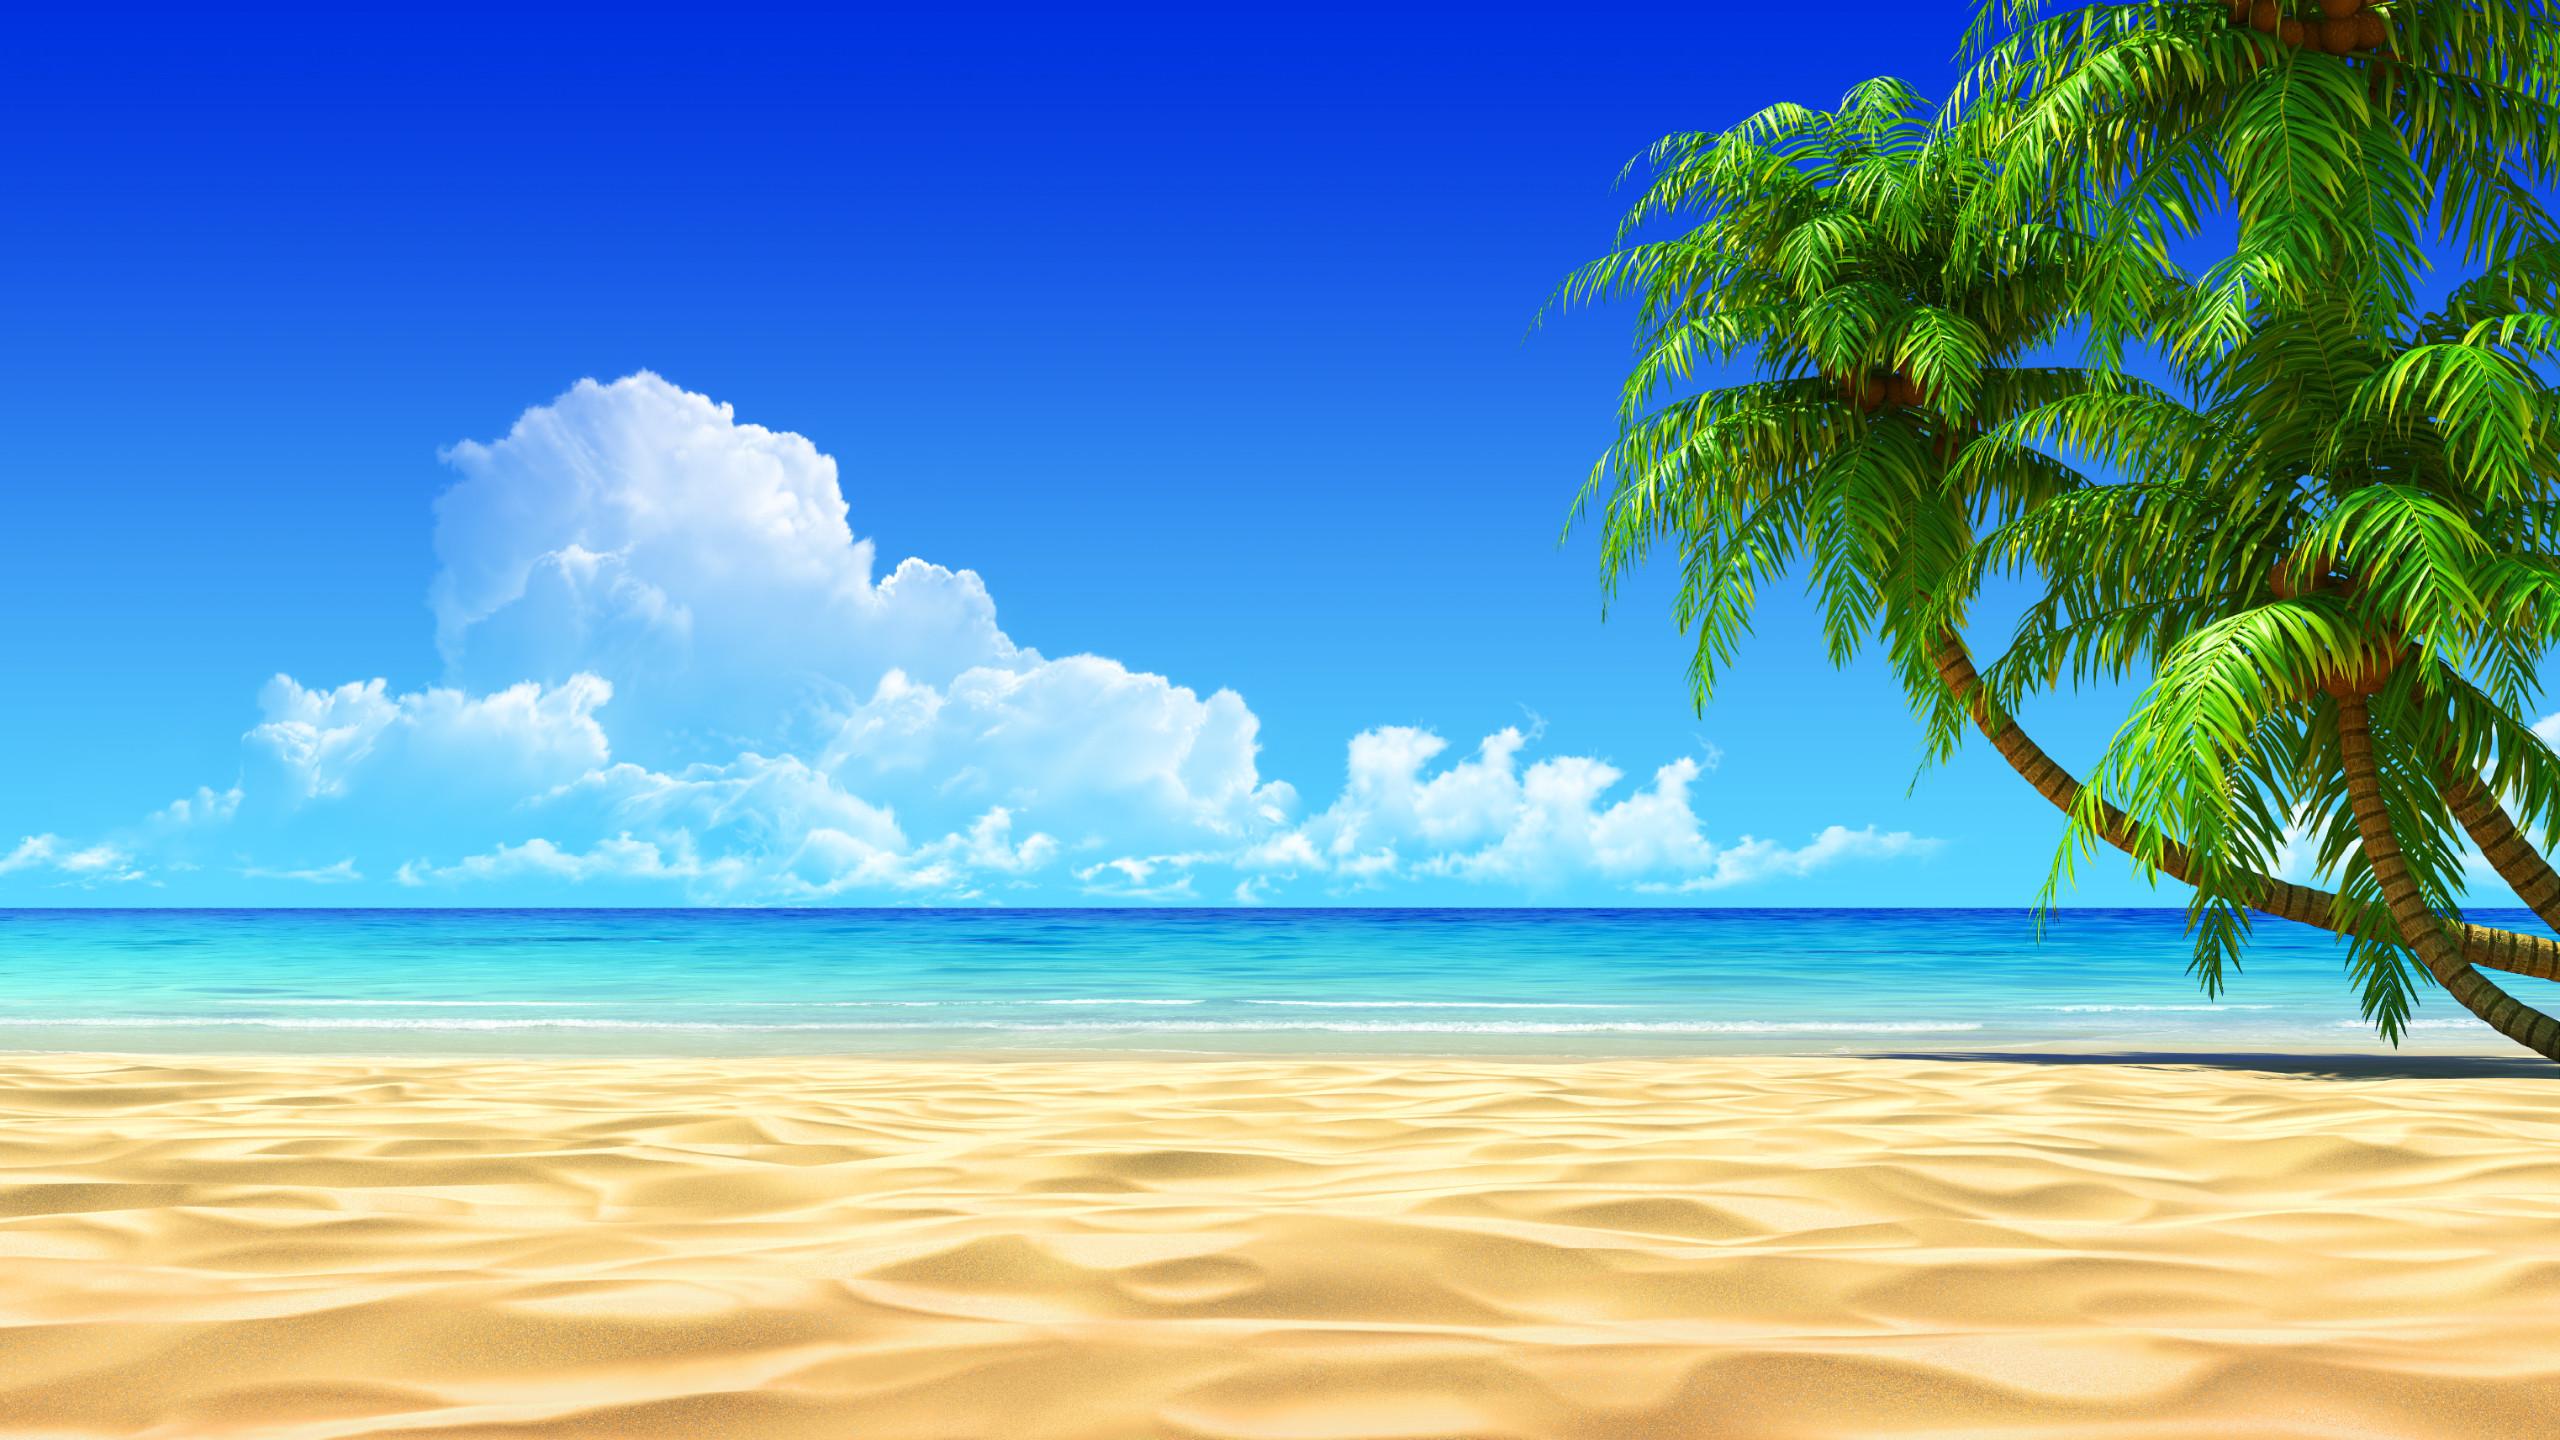 tải hình ảnh đẹp về biển